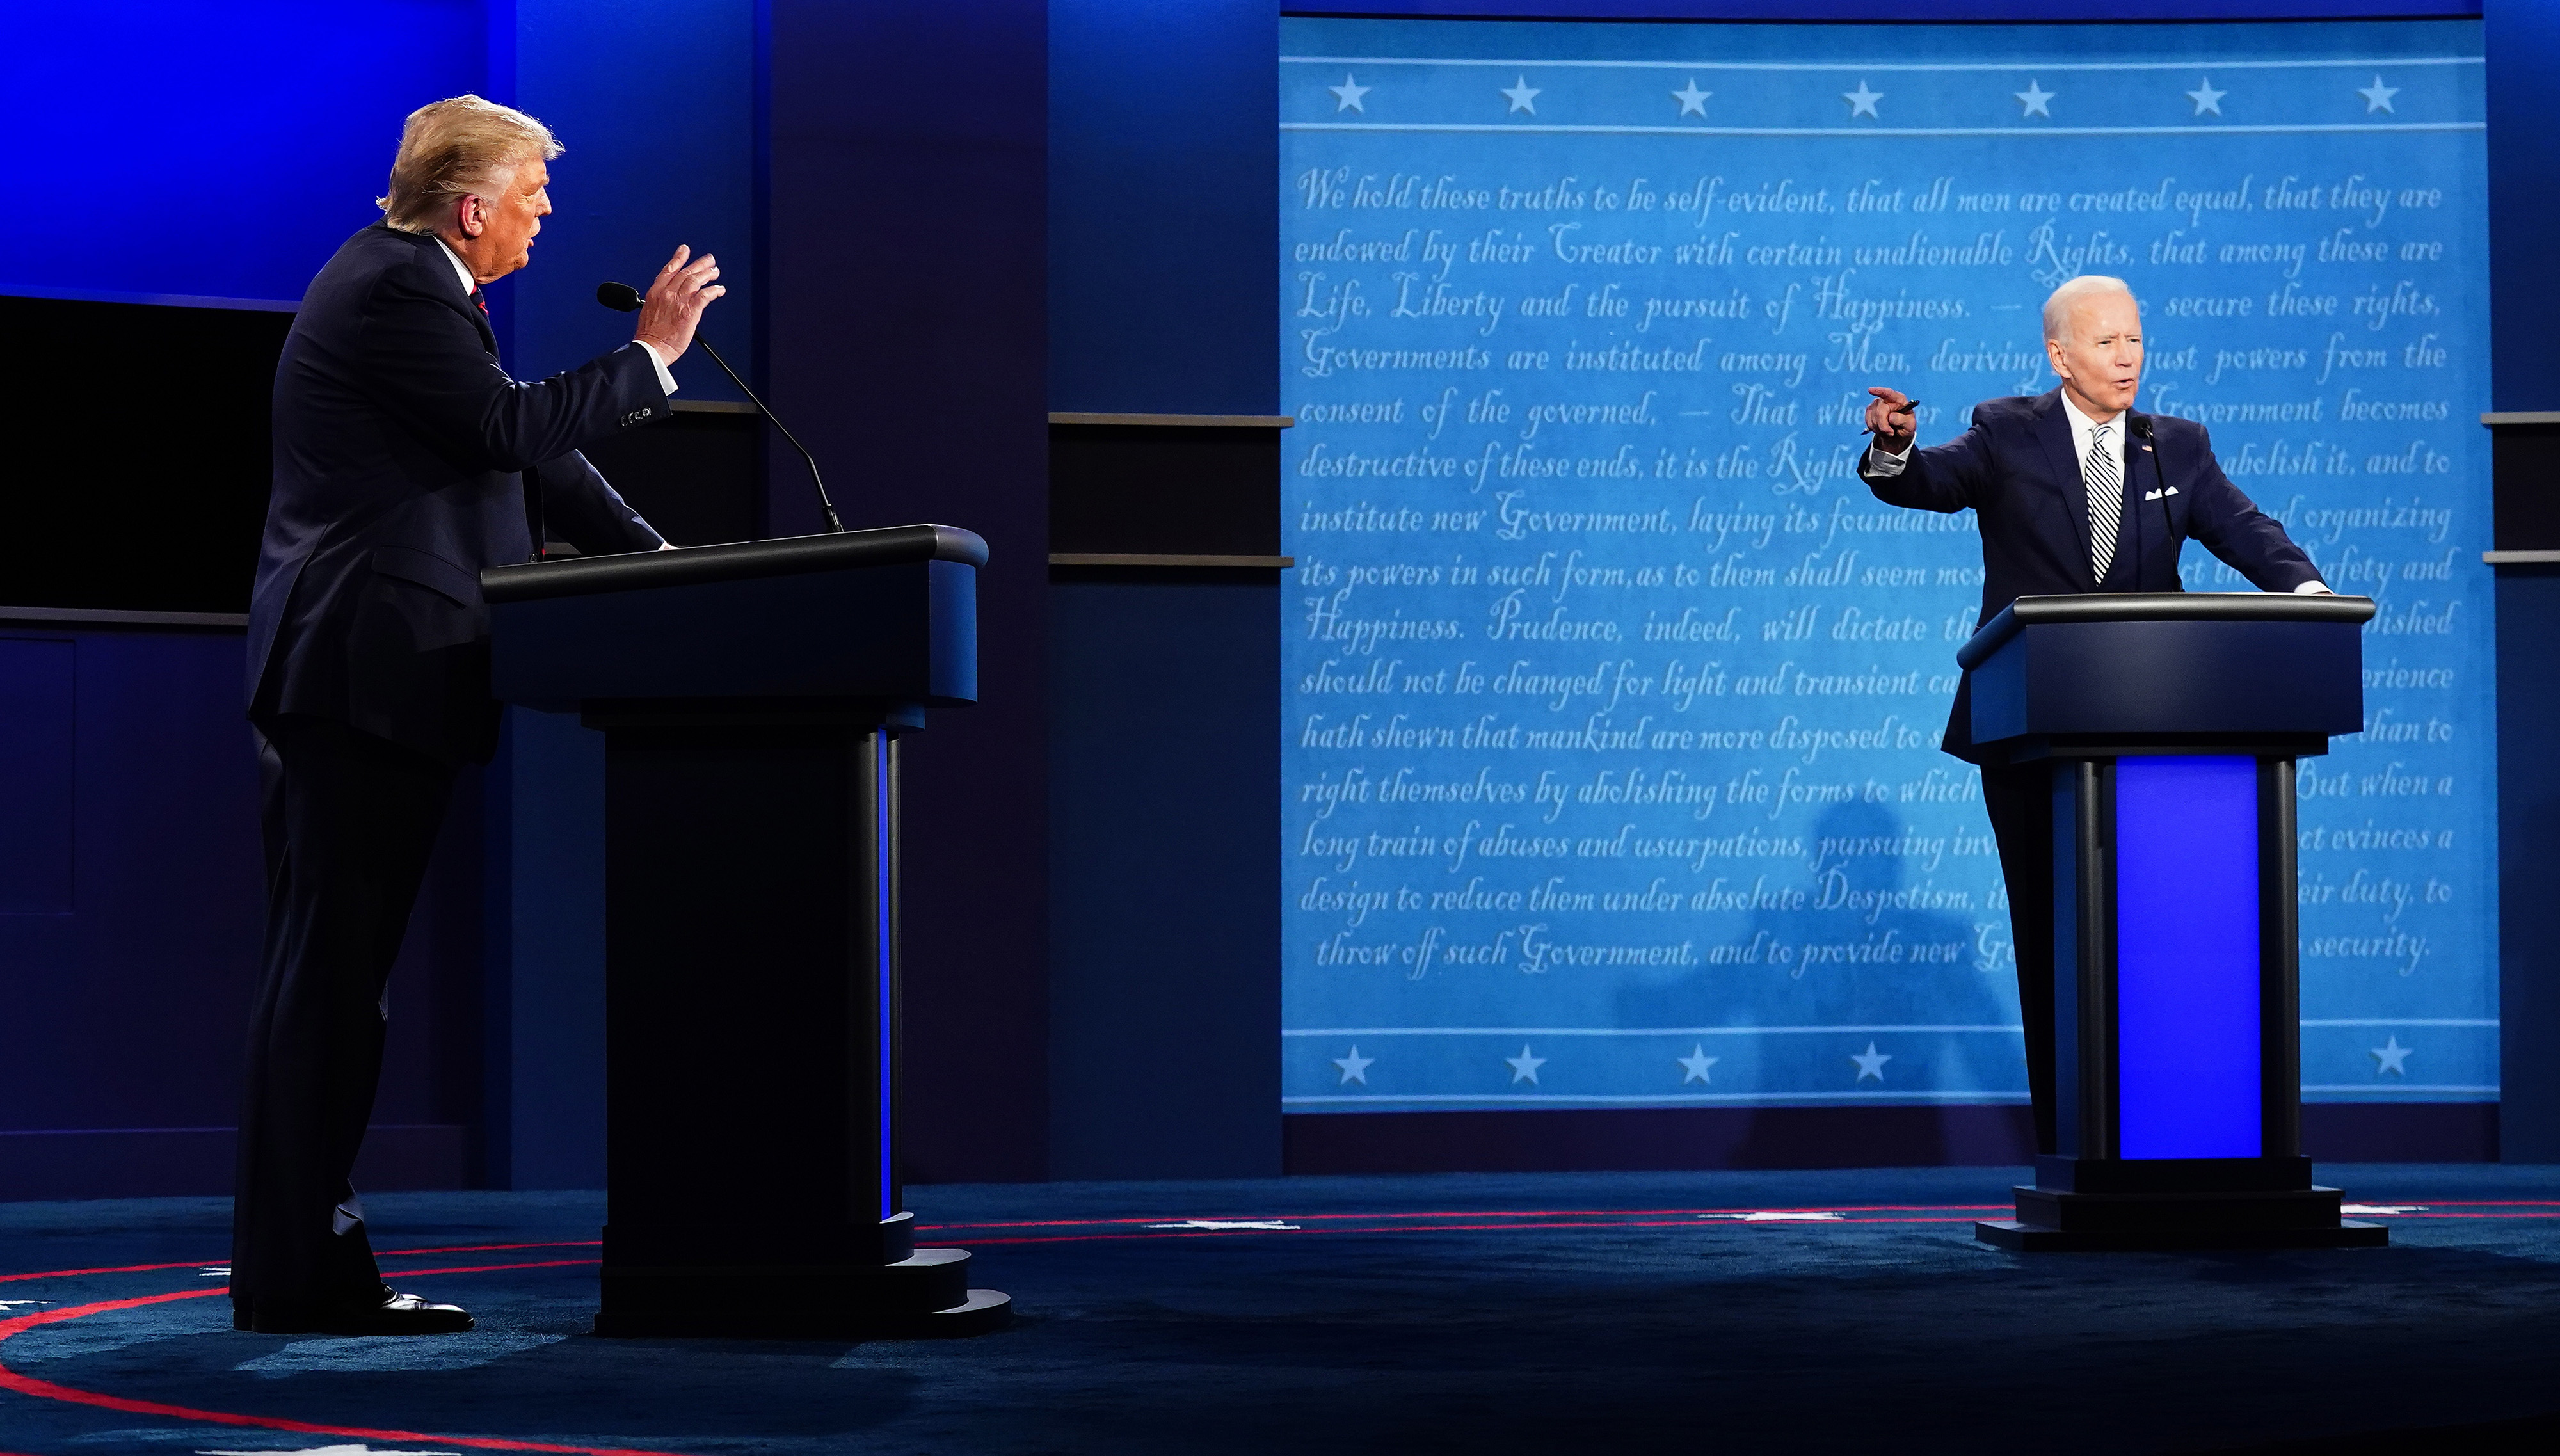 Trump vs. Biden I: Come on, man - Macleans.ca